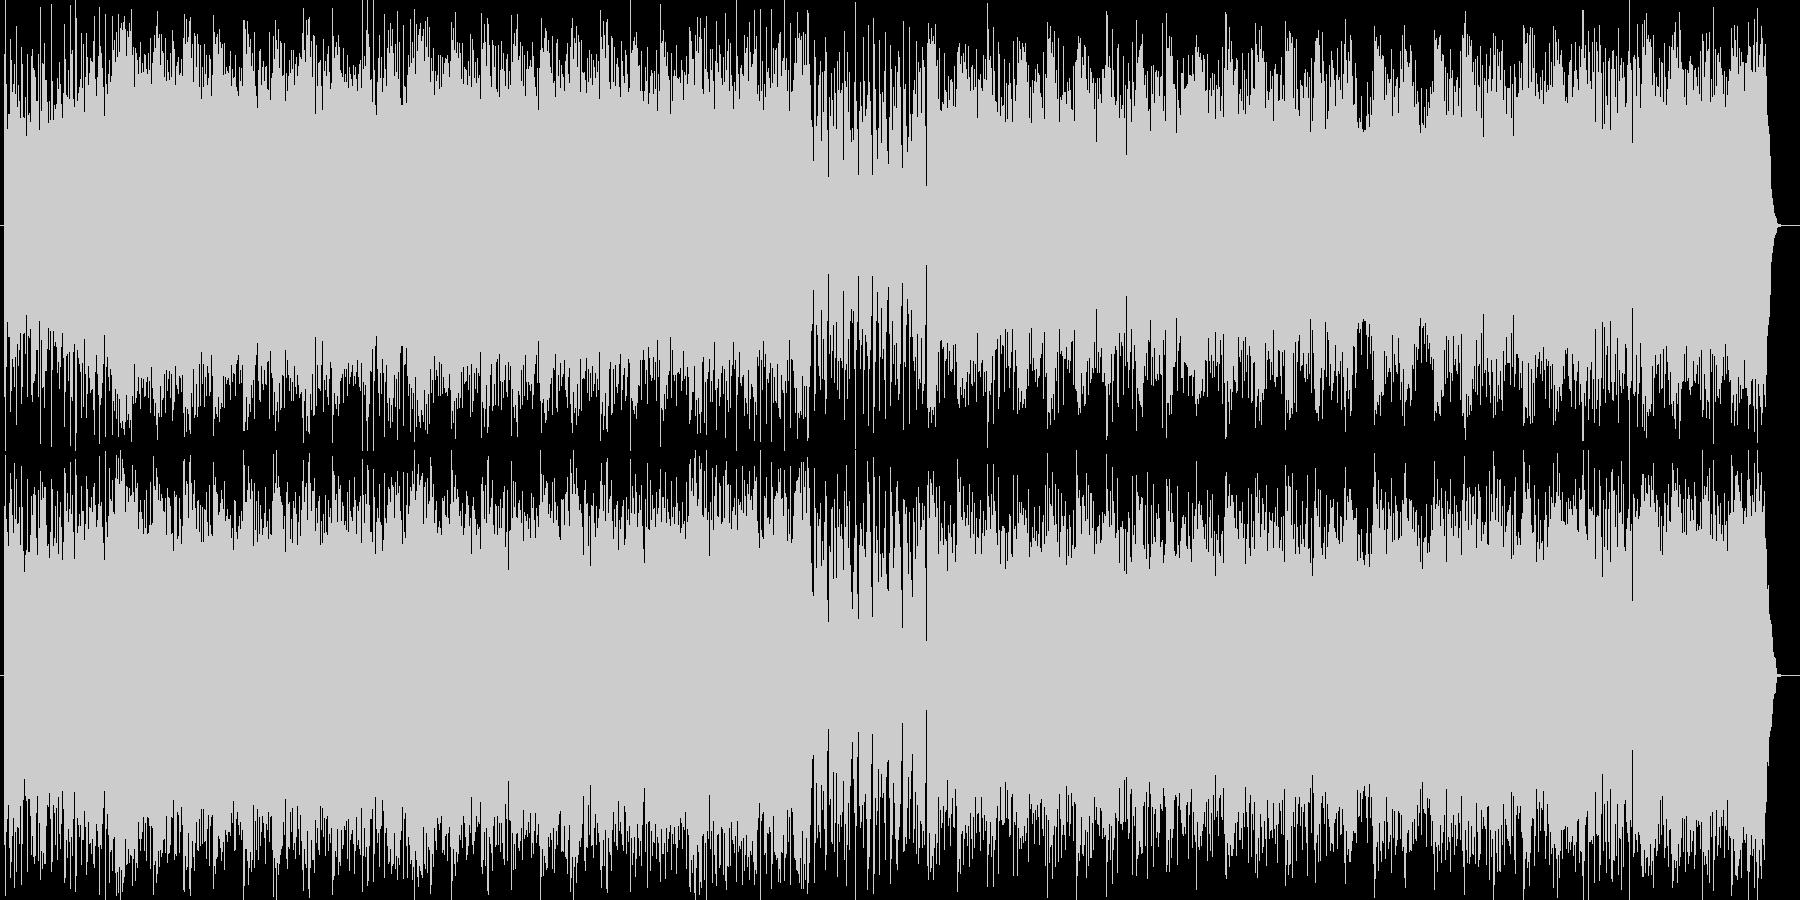 激しい打楽器が繰り広げる壮大な和風の楽曲の未再生の波形